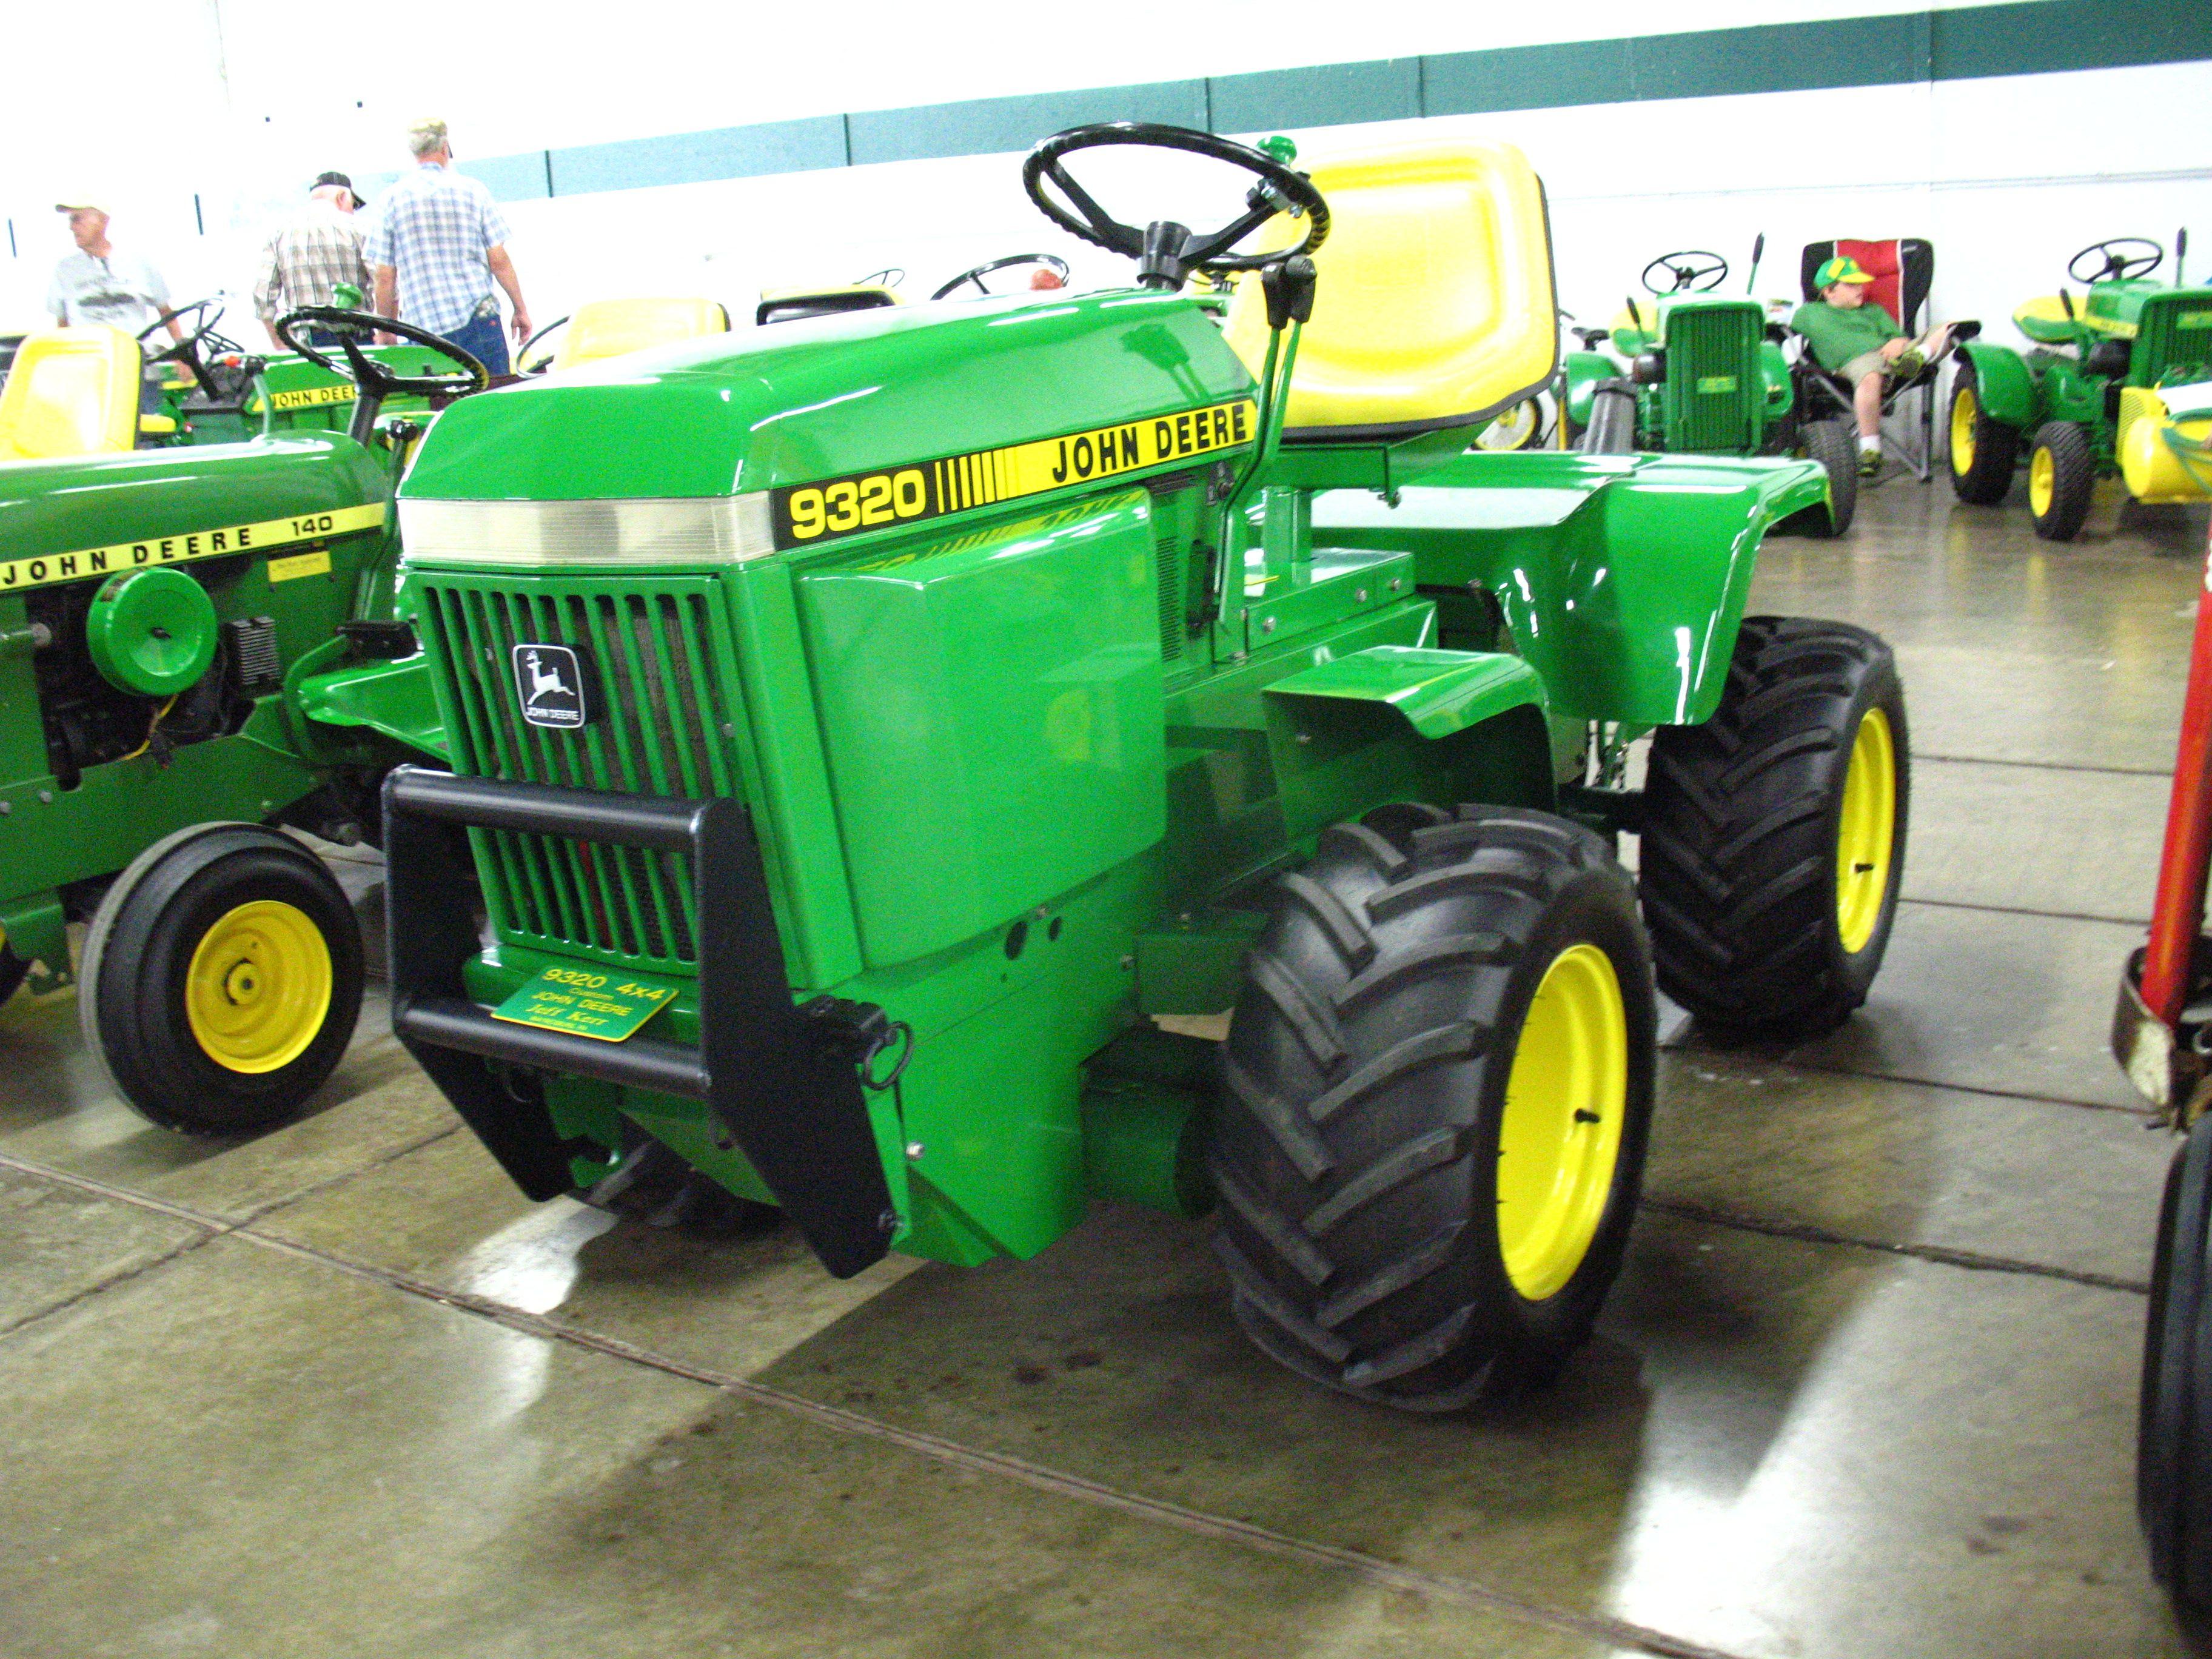 4wd john deere lawn mower lawnmowers pinterest john for Lawn garden equipment